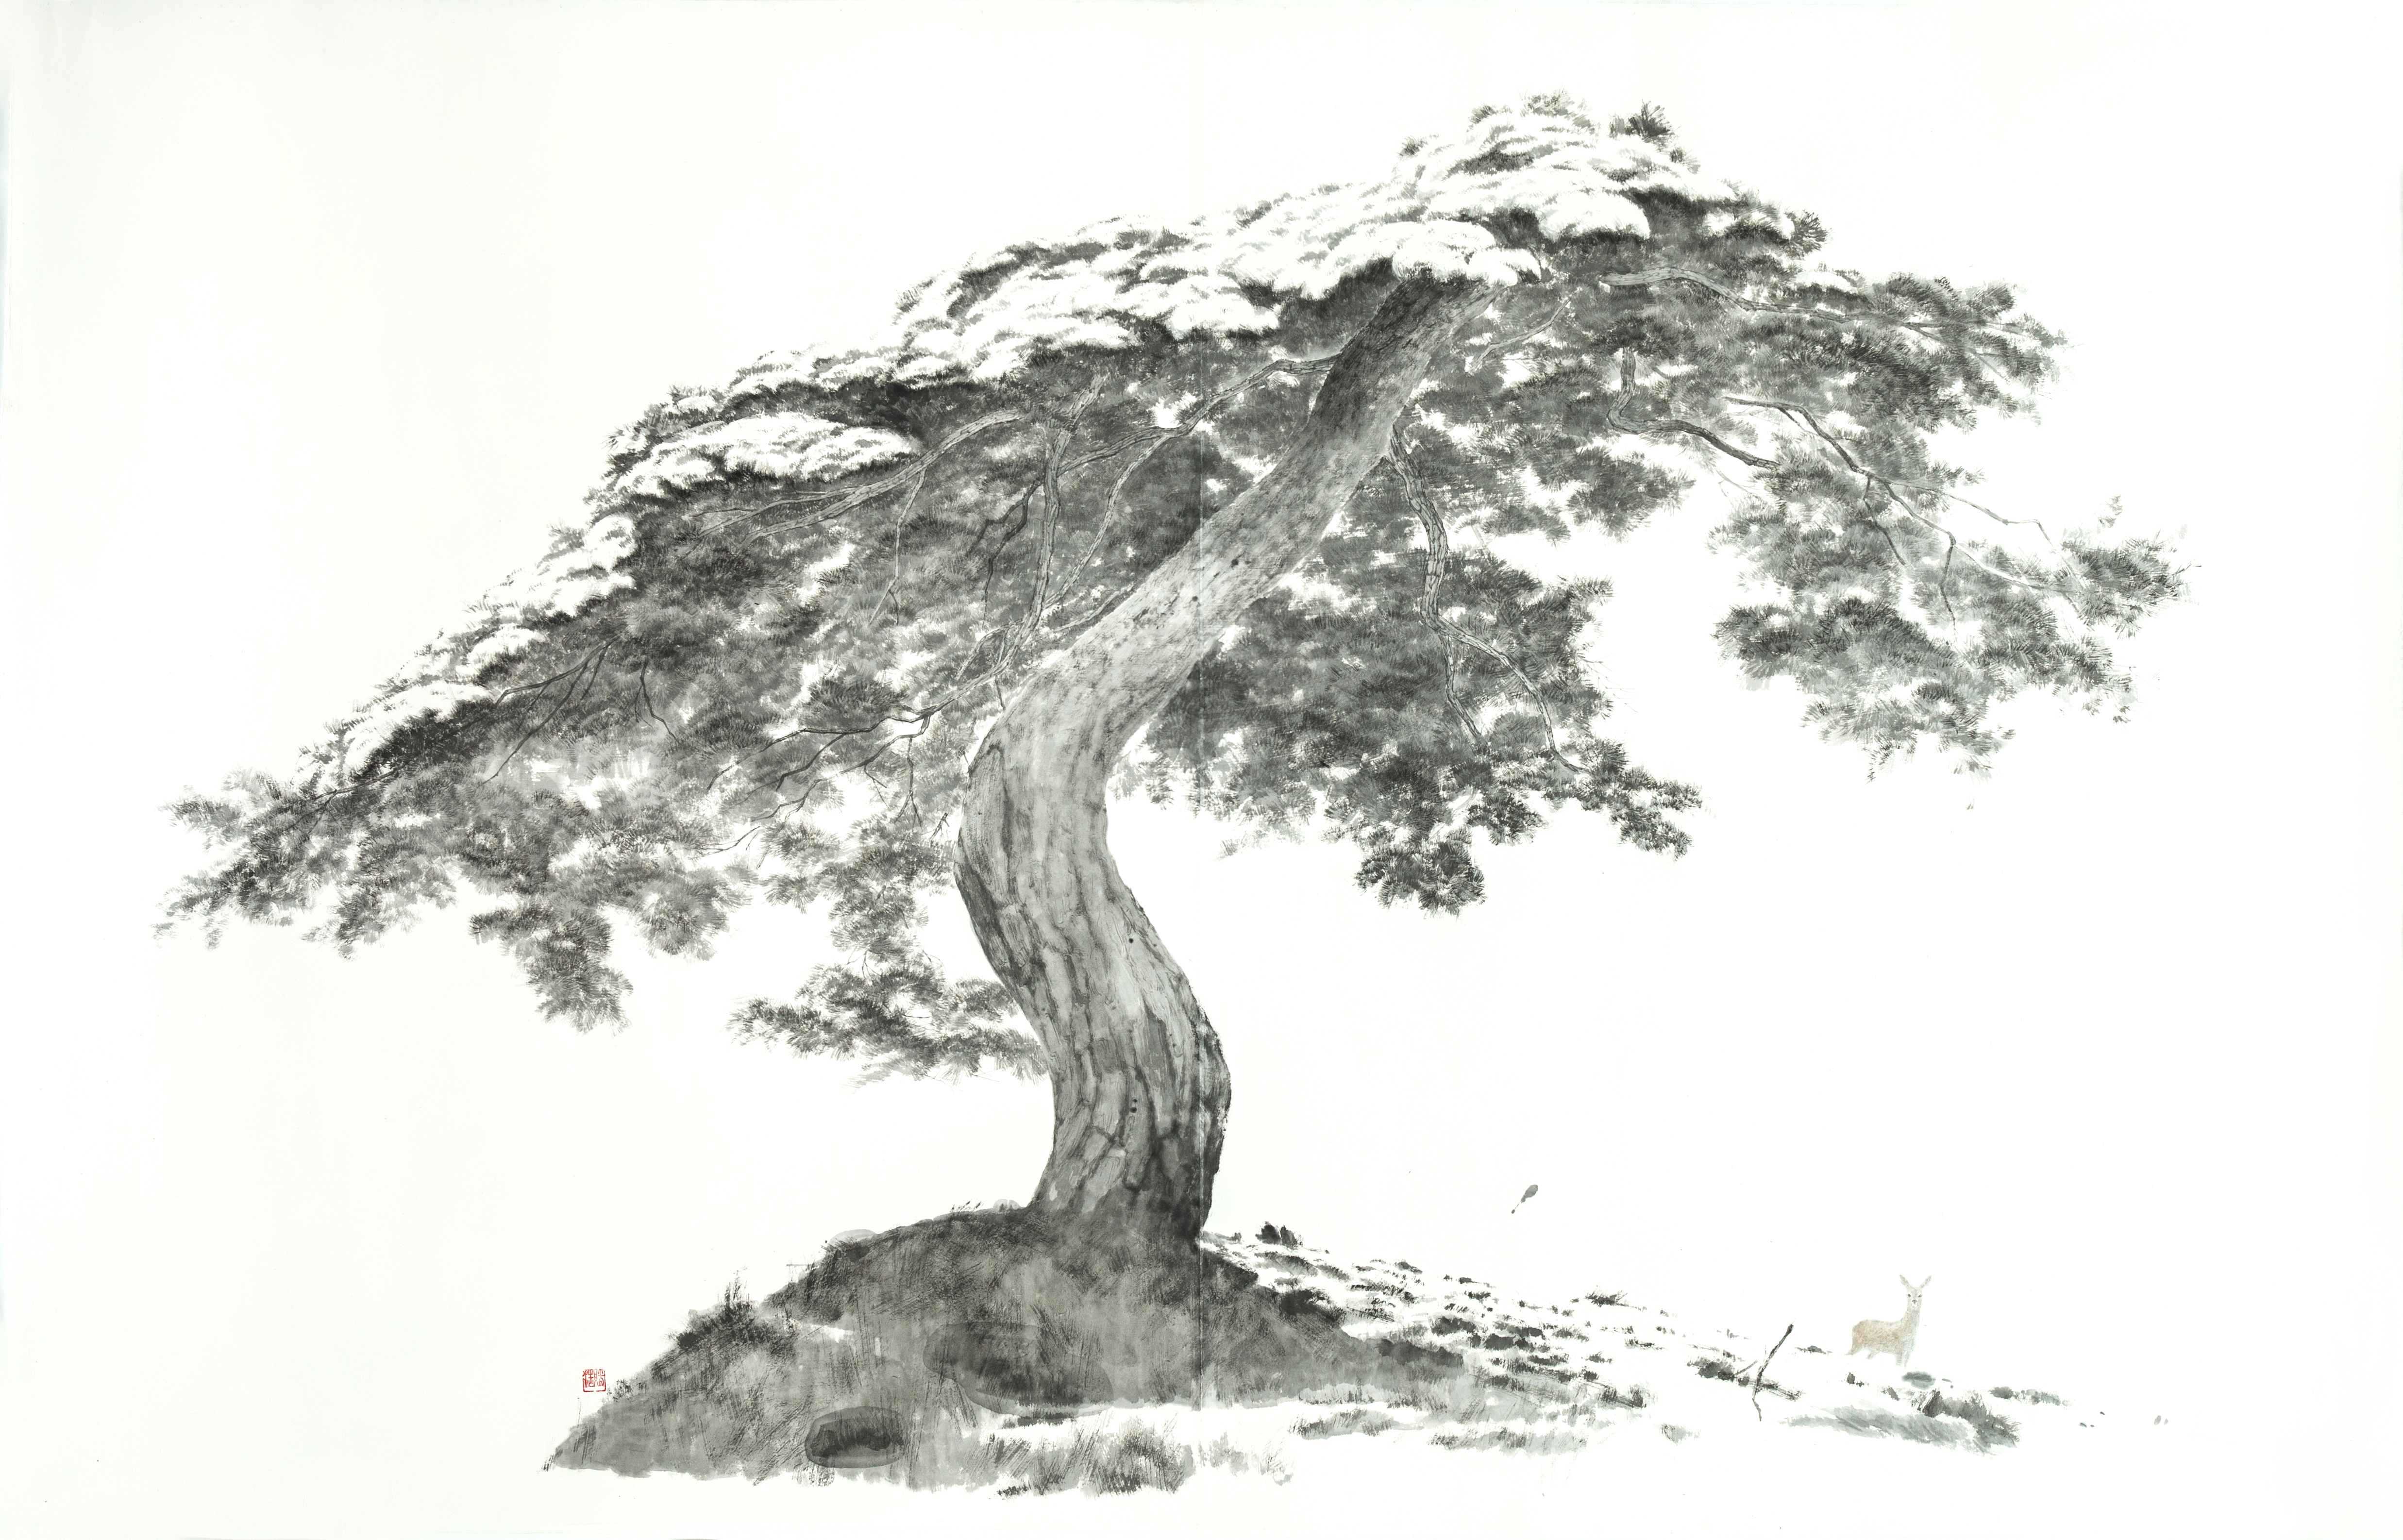 우산같은 나무, 170x267cm, 종이에 수묵, 2019---